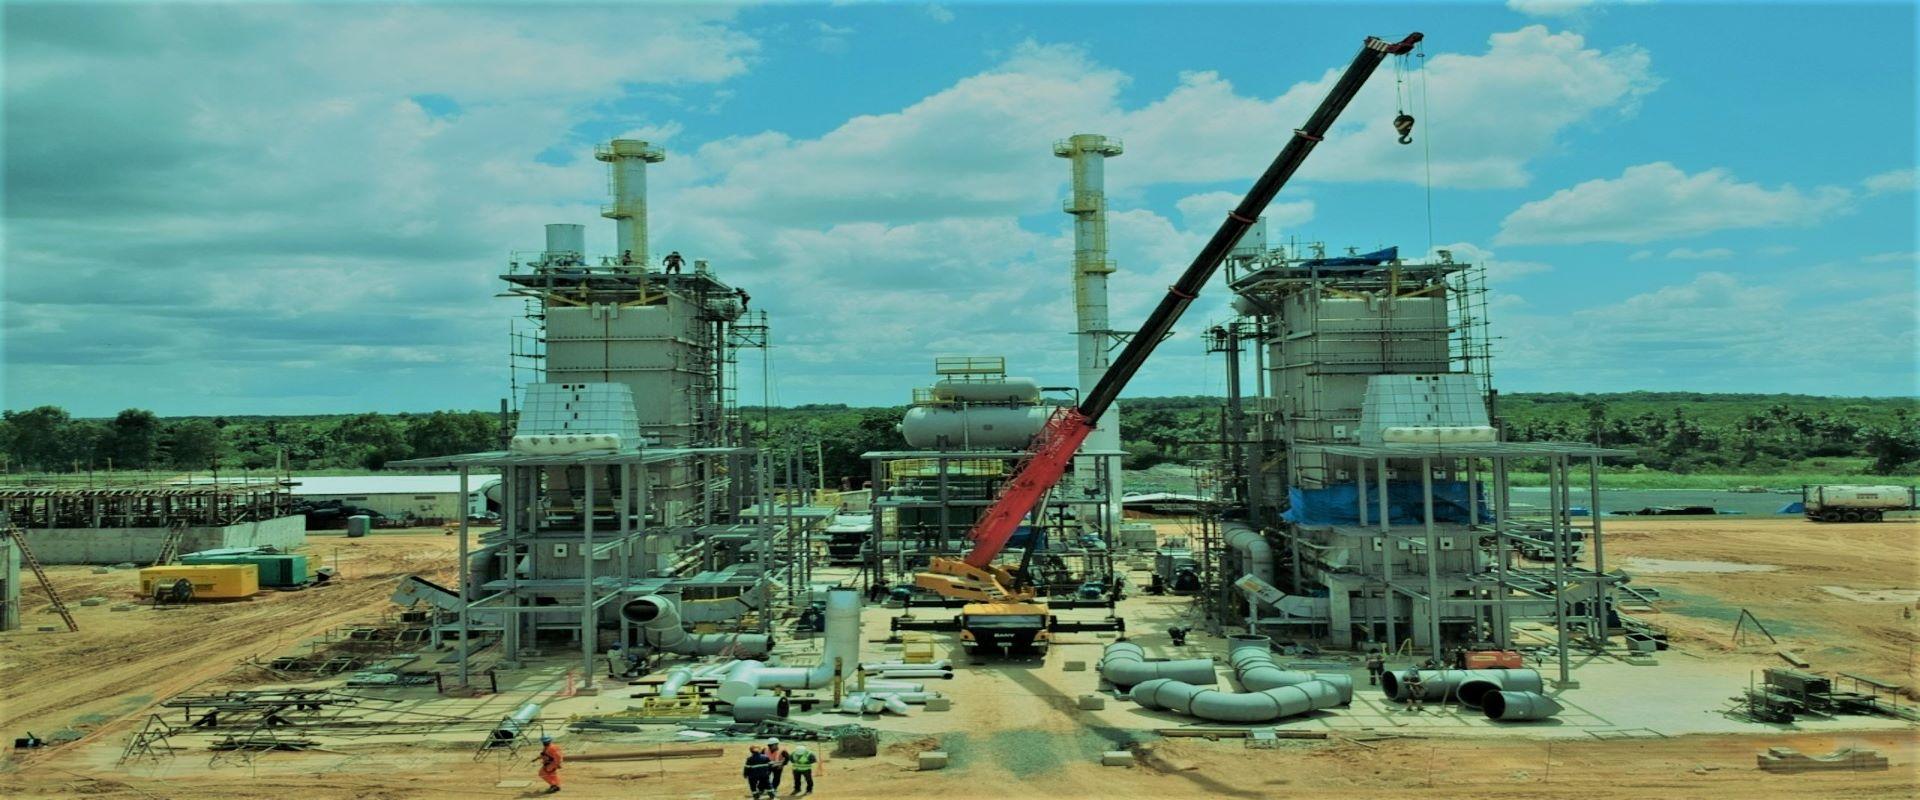 Gestão Ambiental de Implantação de Usinas Termoelétricas